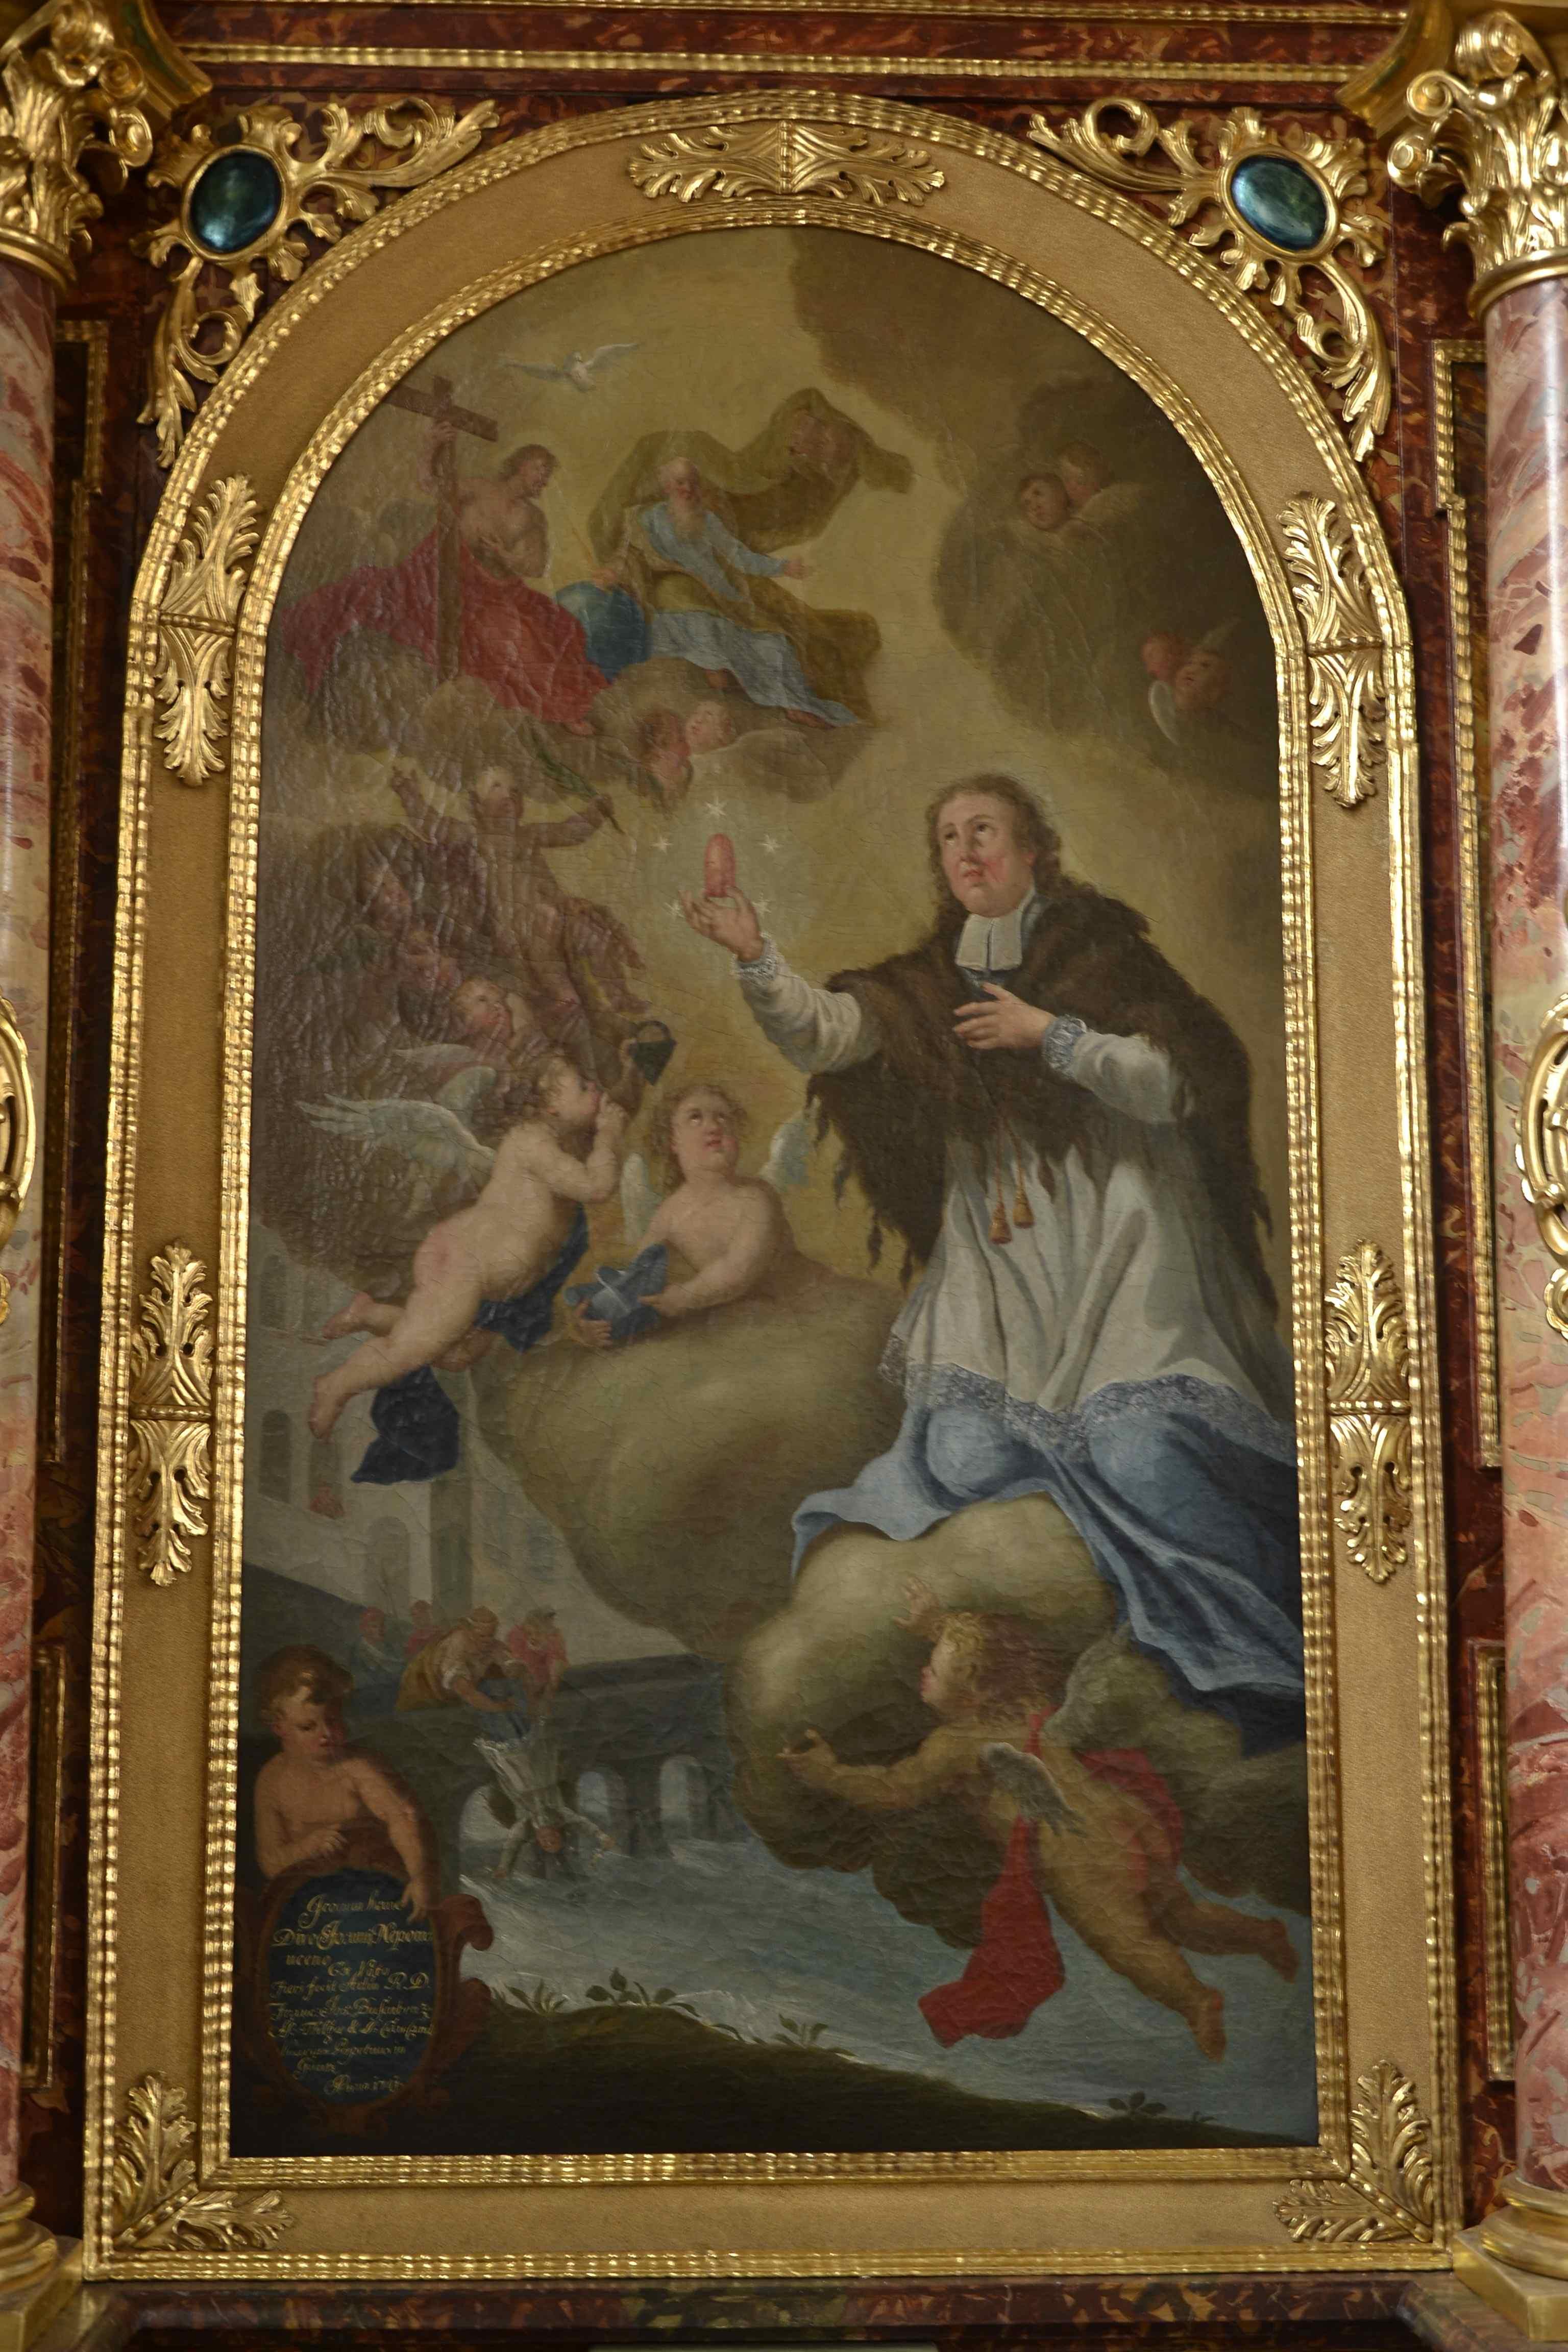 nördlicher Seitenaltär: Tod und Verklärung des Heiligen Johannes Nepomuk, 1741 gestiftet, wohl von Franz Anton Erler, Ottobeuren